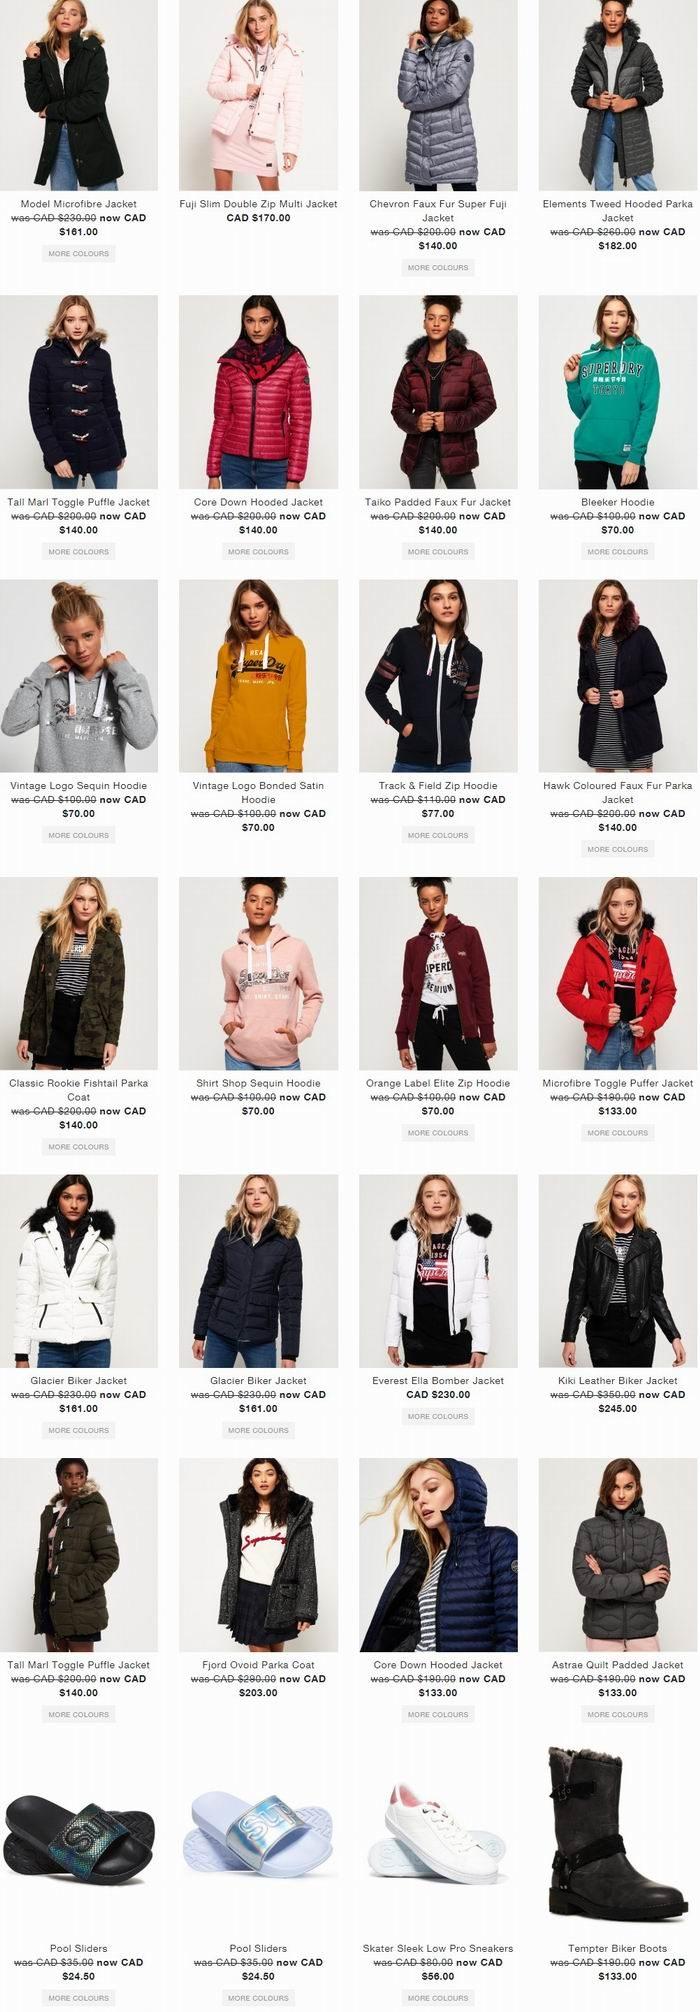 英国 Superdry 极度干燥 季末大促!精选男女潮款防寒服、休闲服、卫衣、鞋靴等7折+包邮包税!